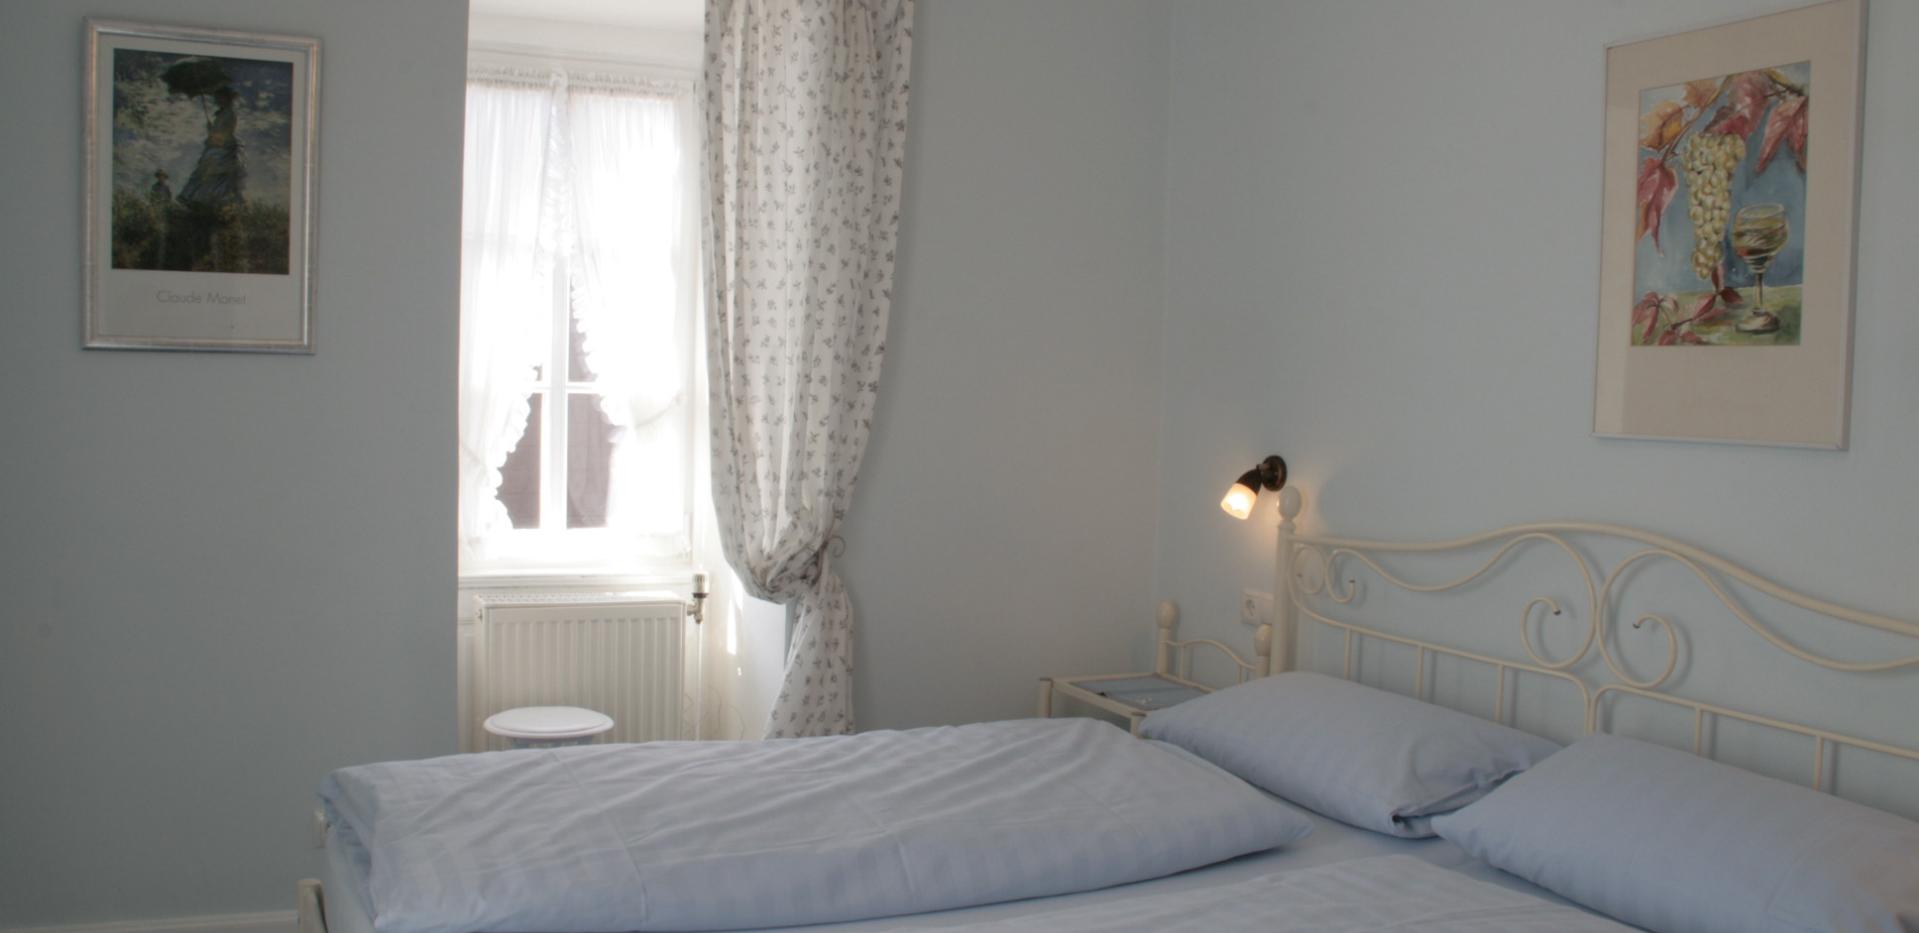 Traminerwohnung_Schlafzimmer